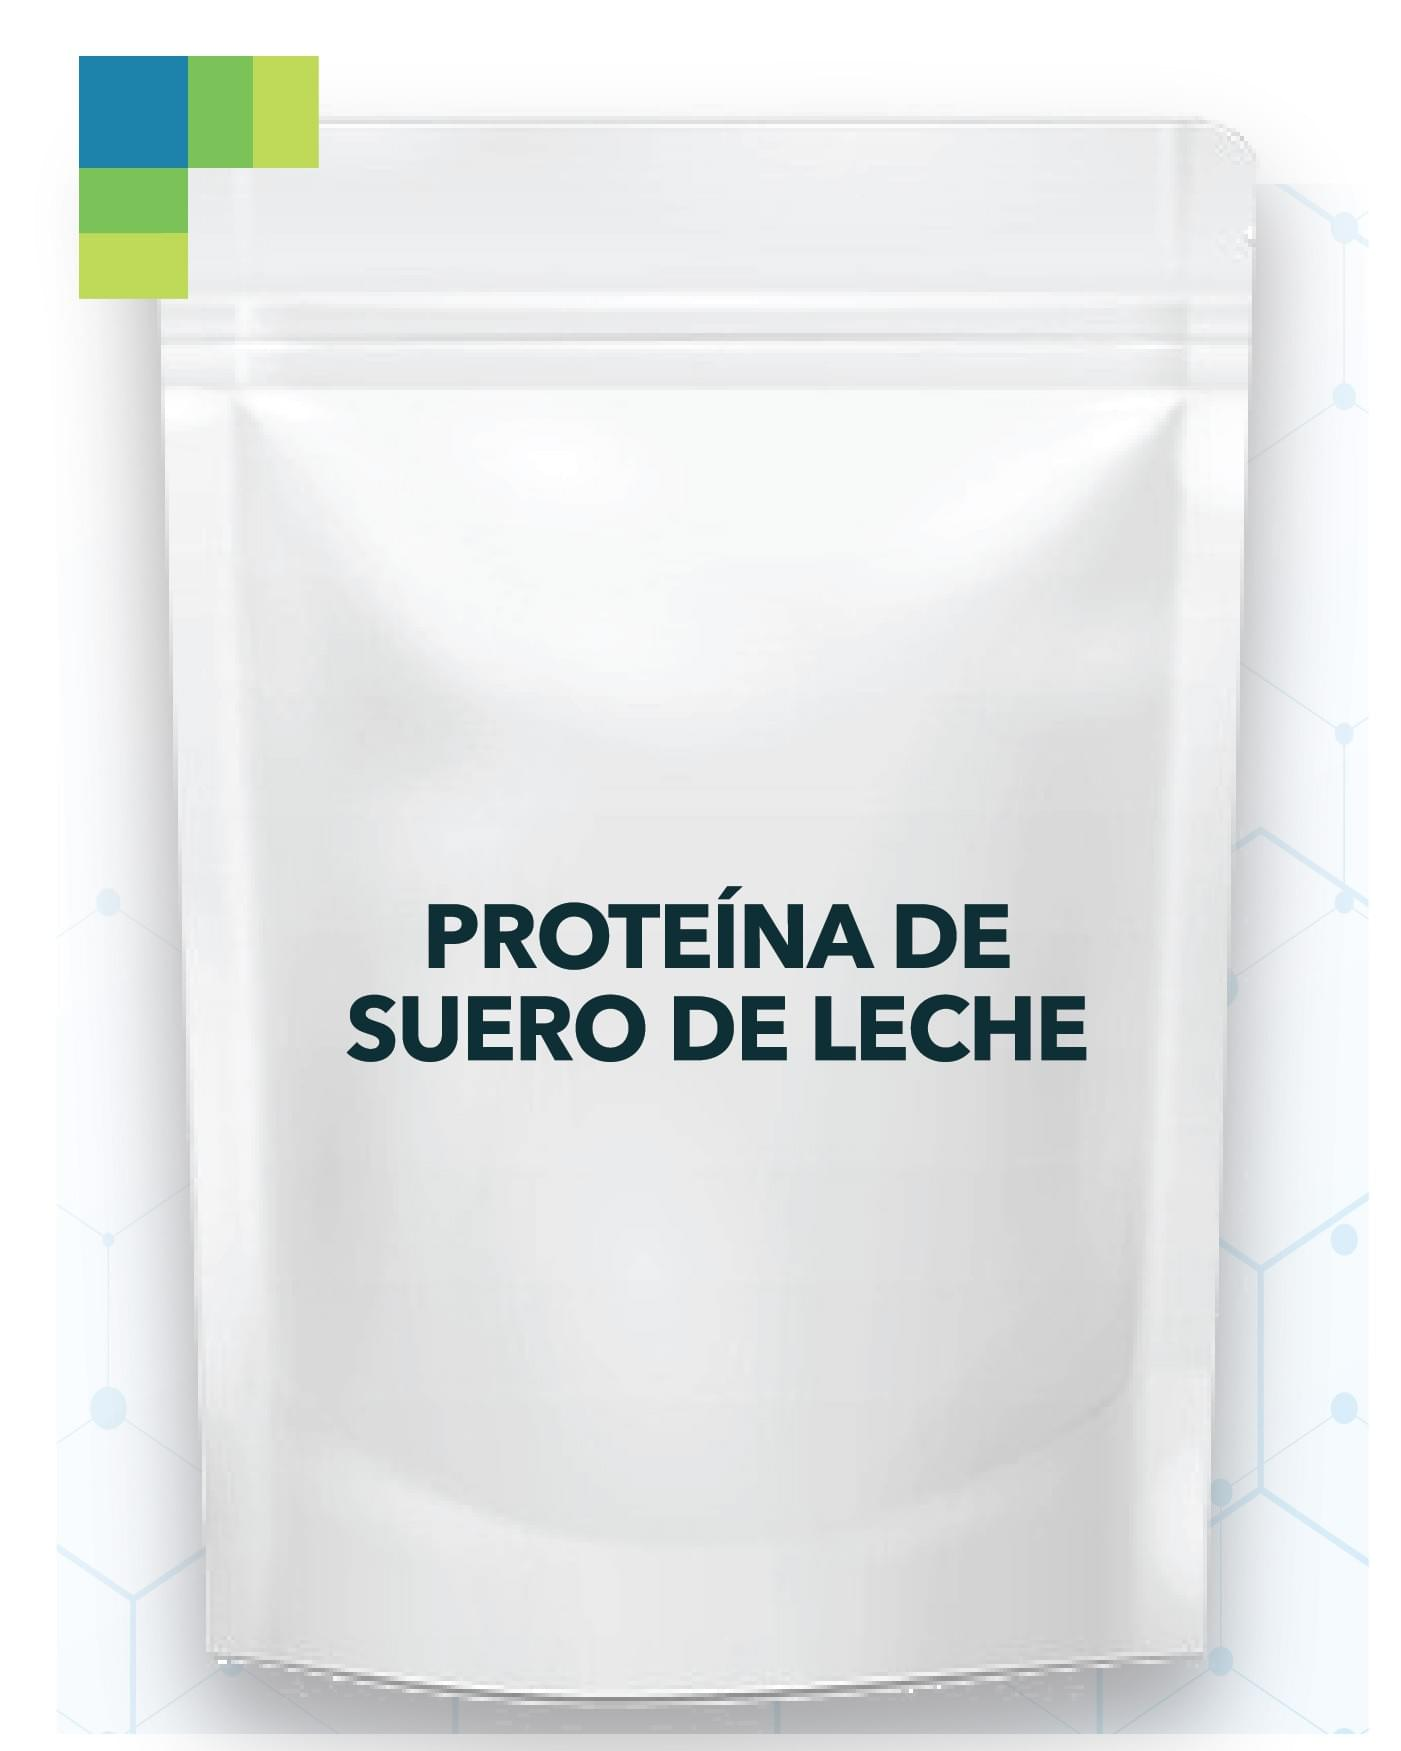 PROTEÍNA DE SUERO DE LECHE 1kg / 5 Piezas